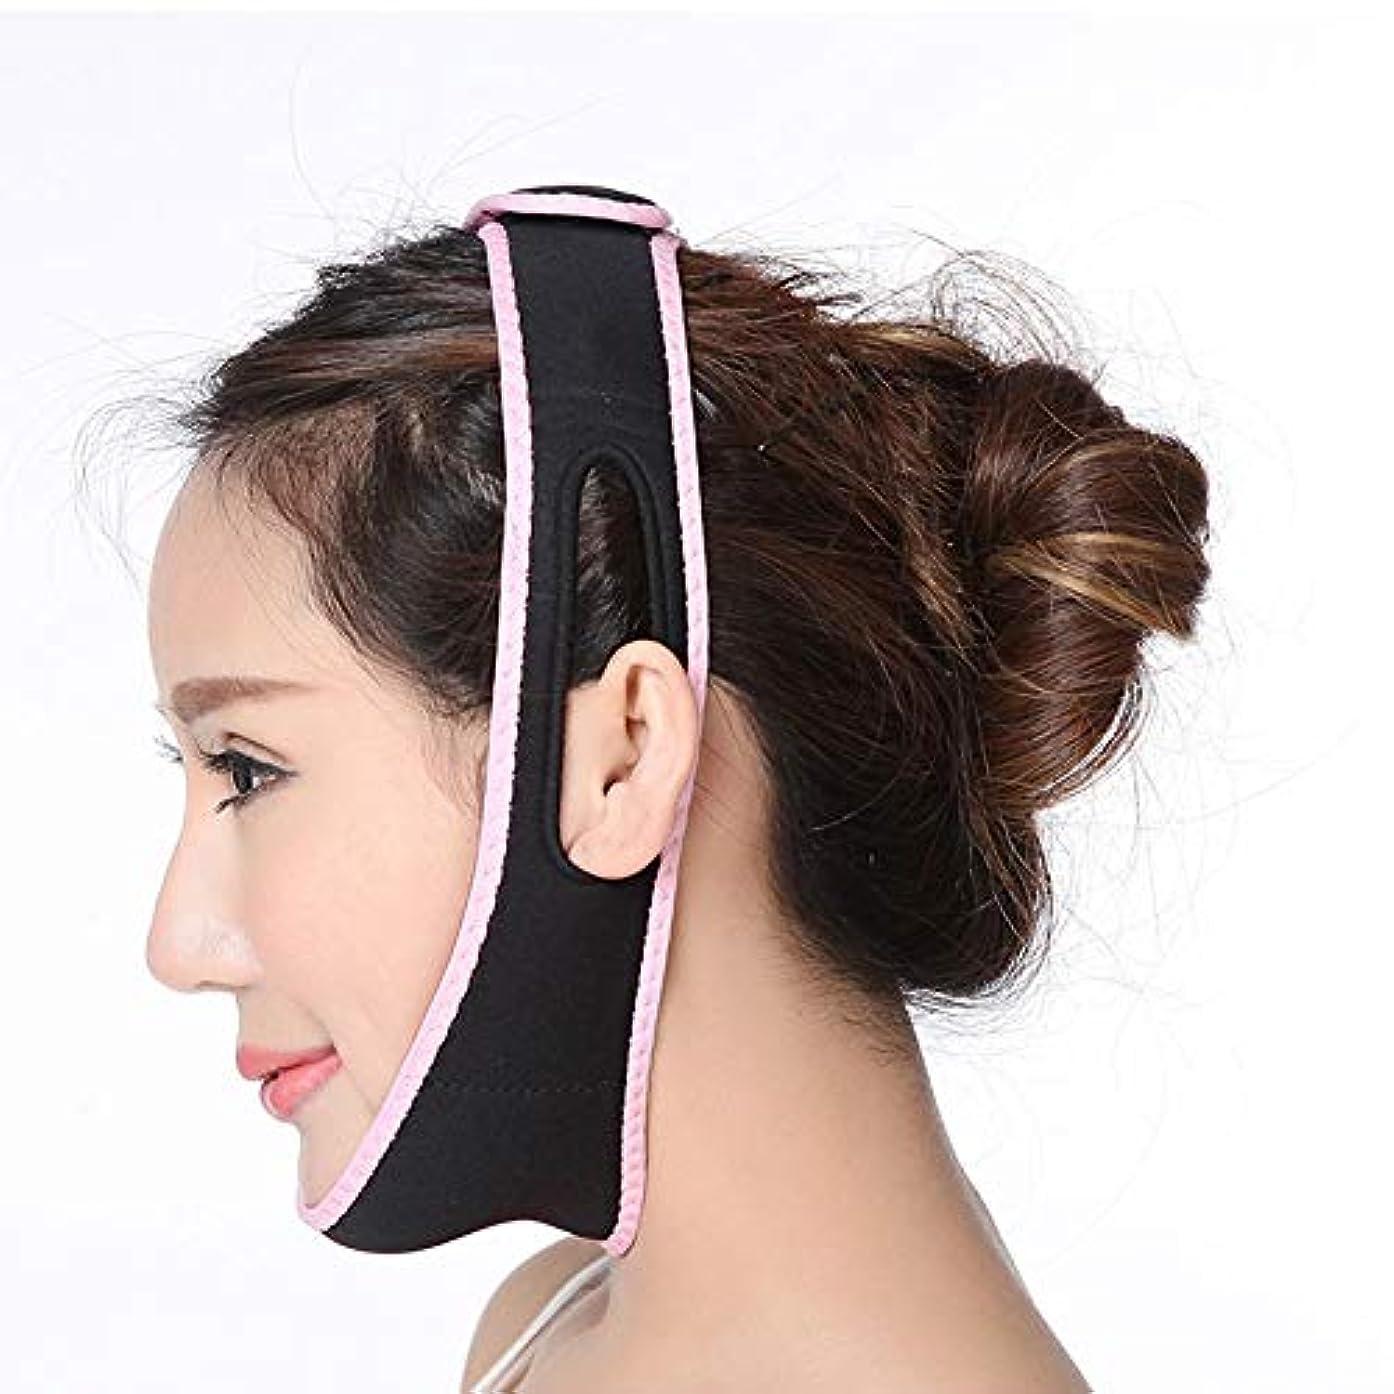 カカドゥ固有の明確なJia Jia- フェイスリフティングアーティファクト3D薄型フェイス付き薄型シンフェイスマスク小型Vフェイス包帯二重あごフェイスリフティングデバイスリフティングファーミング - ブラック 顔面包帯